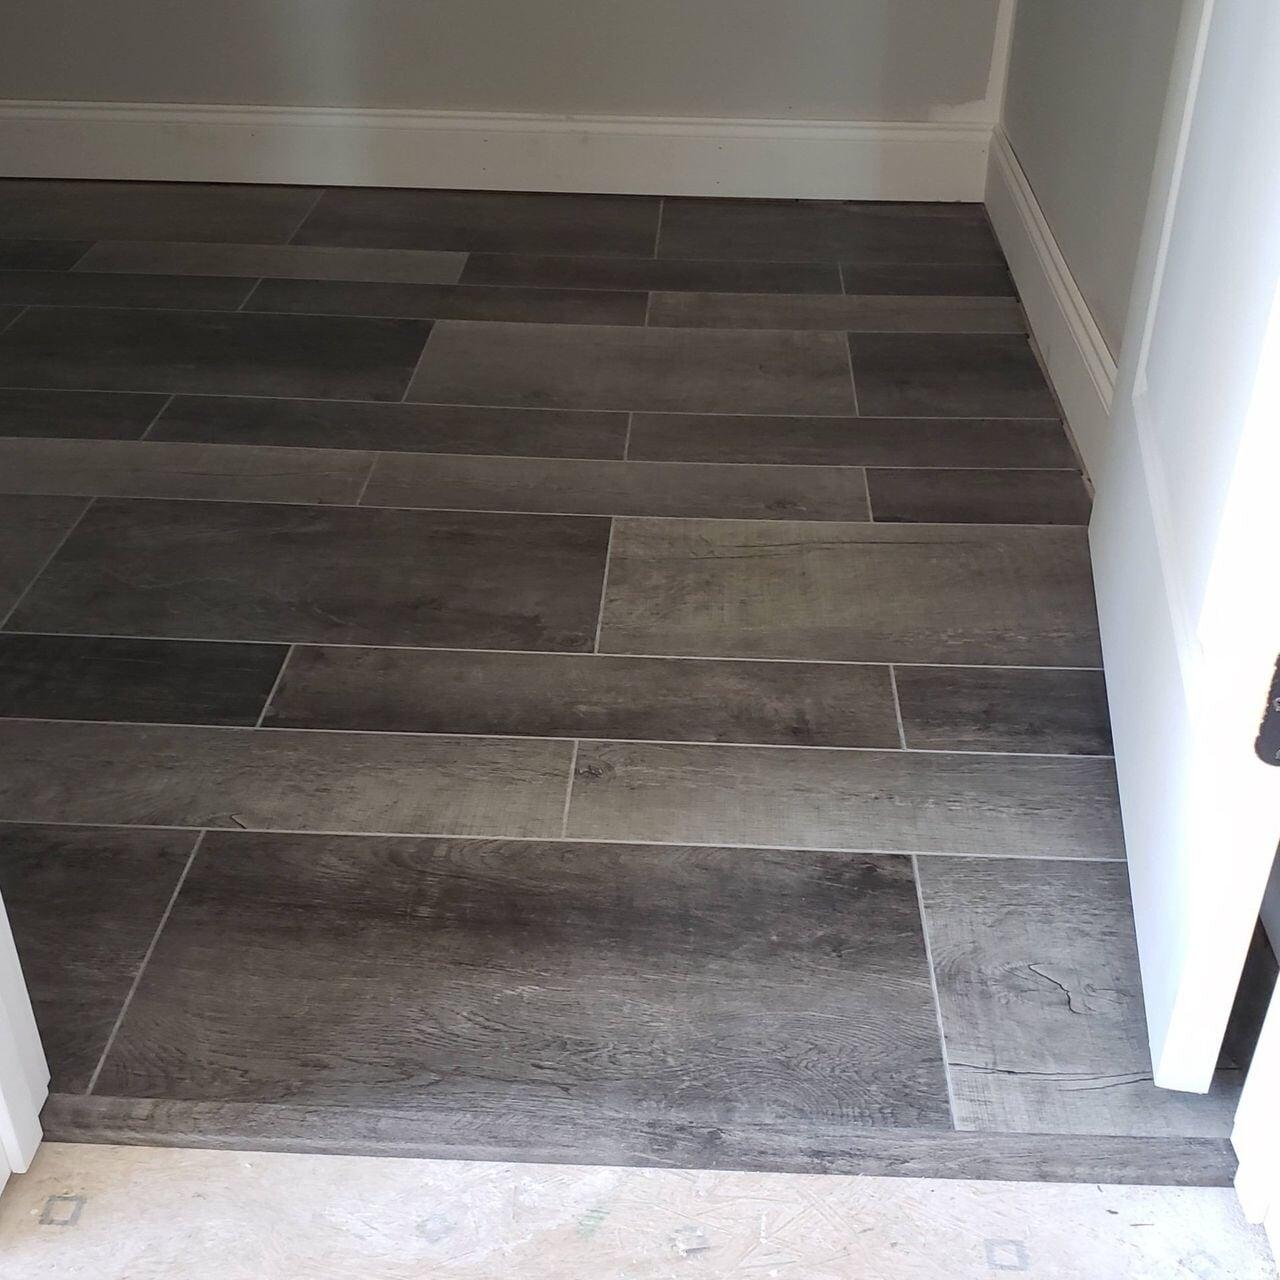 Luxury vinyl plank flooring in Georgetown, KY from Karrianna Flooring